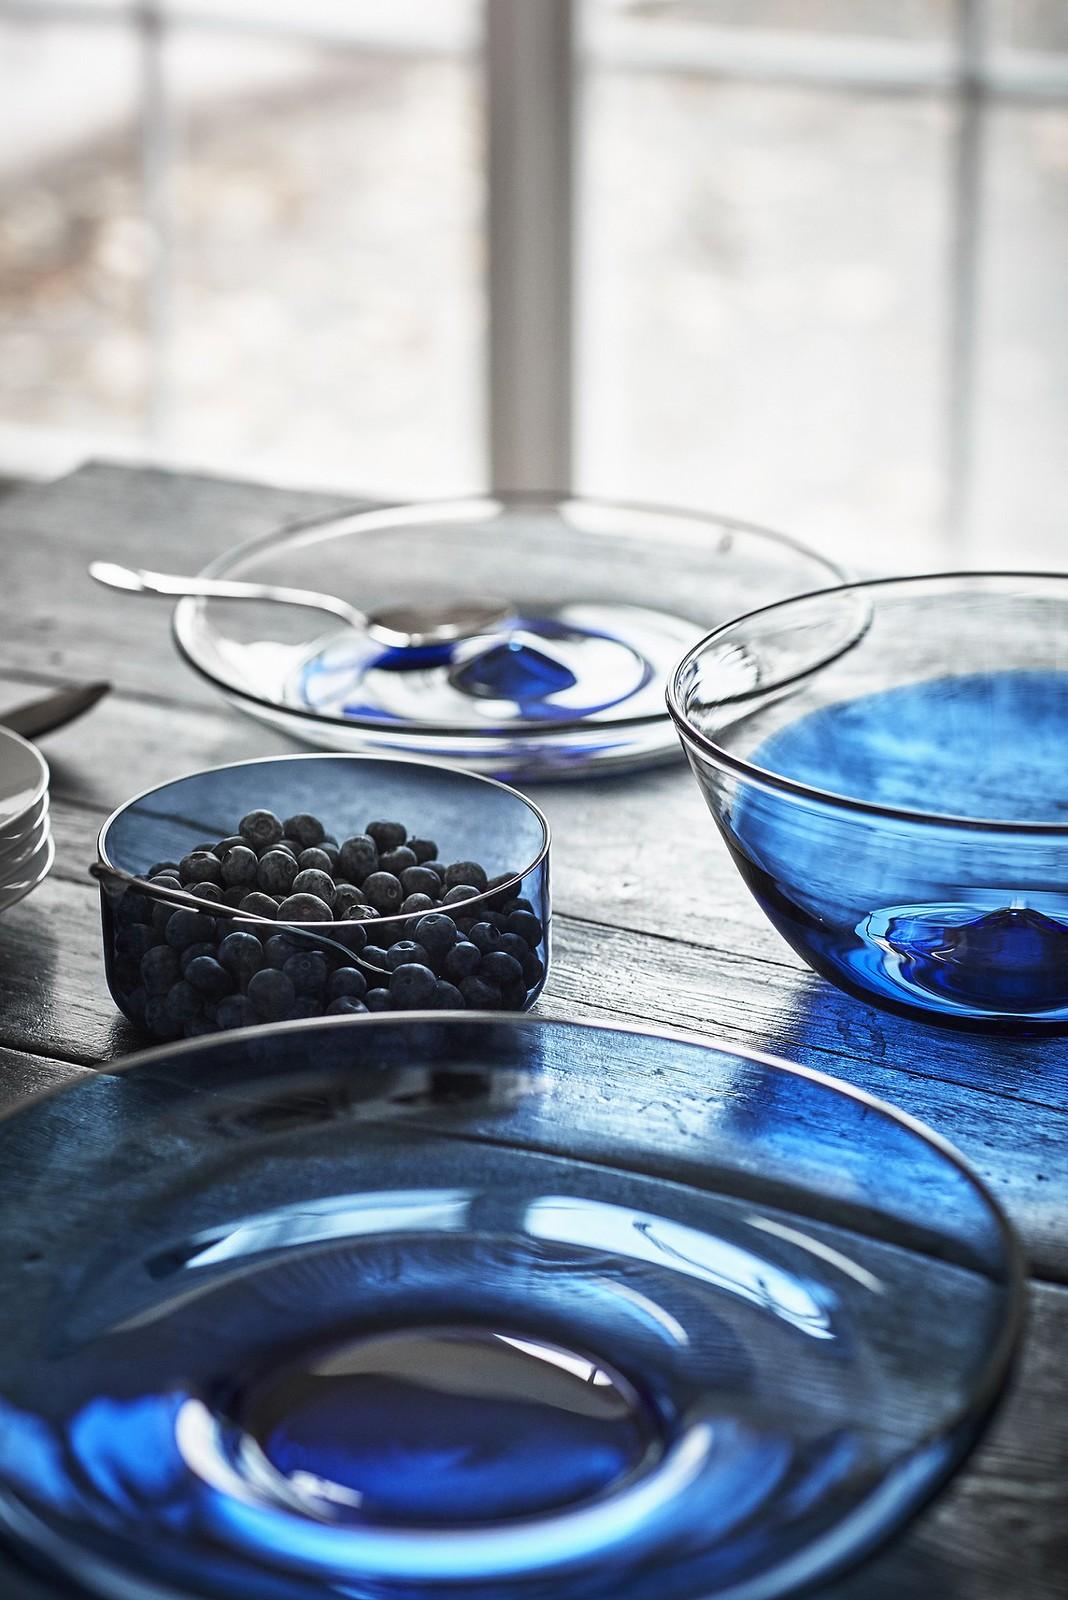 STOCKHOLM 2017 的色調取自於瑞典的光影和自然景色,如碗盤等藍色玻璃透過光線照射,可以呈現如在流動的水面上波光粼粼的效果。